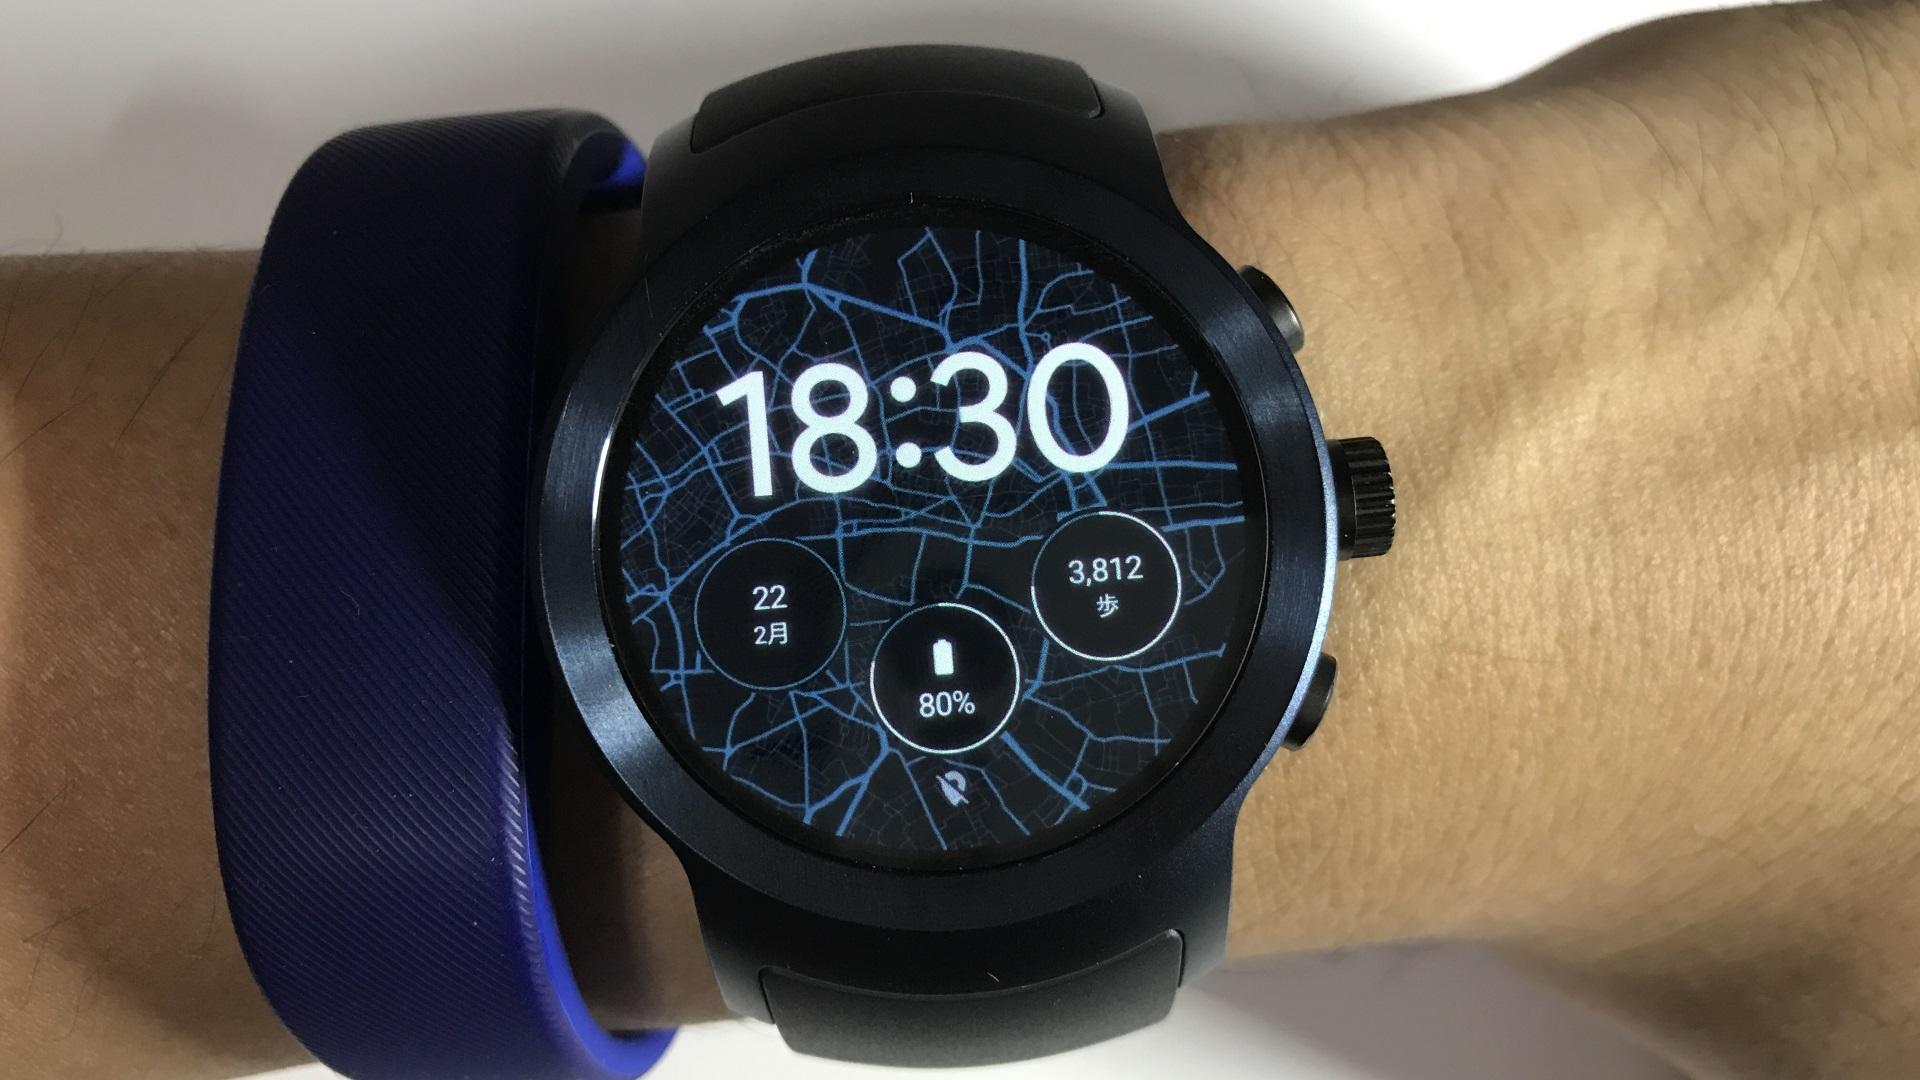 【レビュー】Android Wear 2.0でウォッチフェイスはどう変わった?